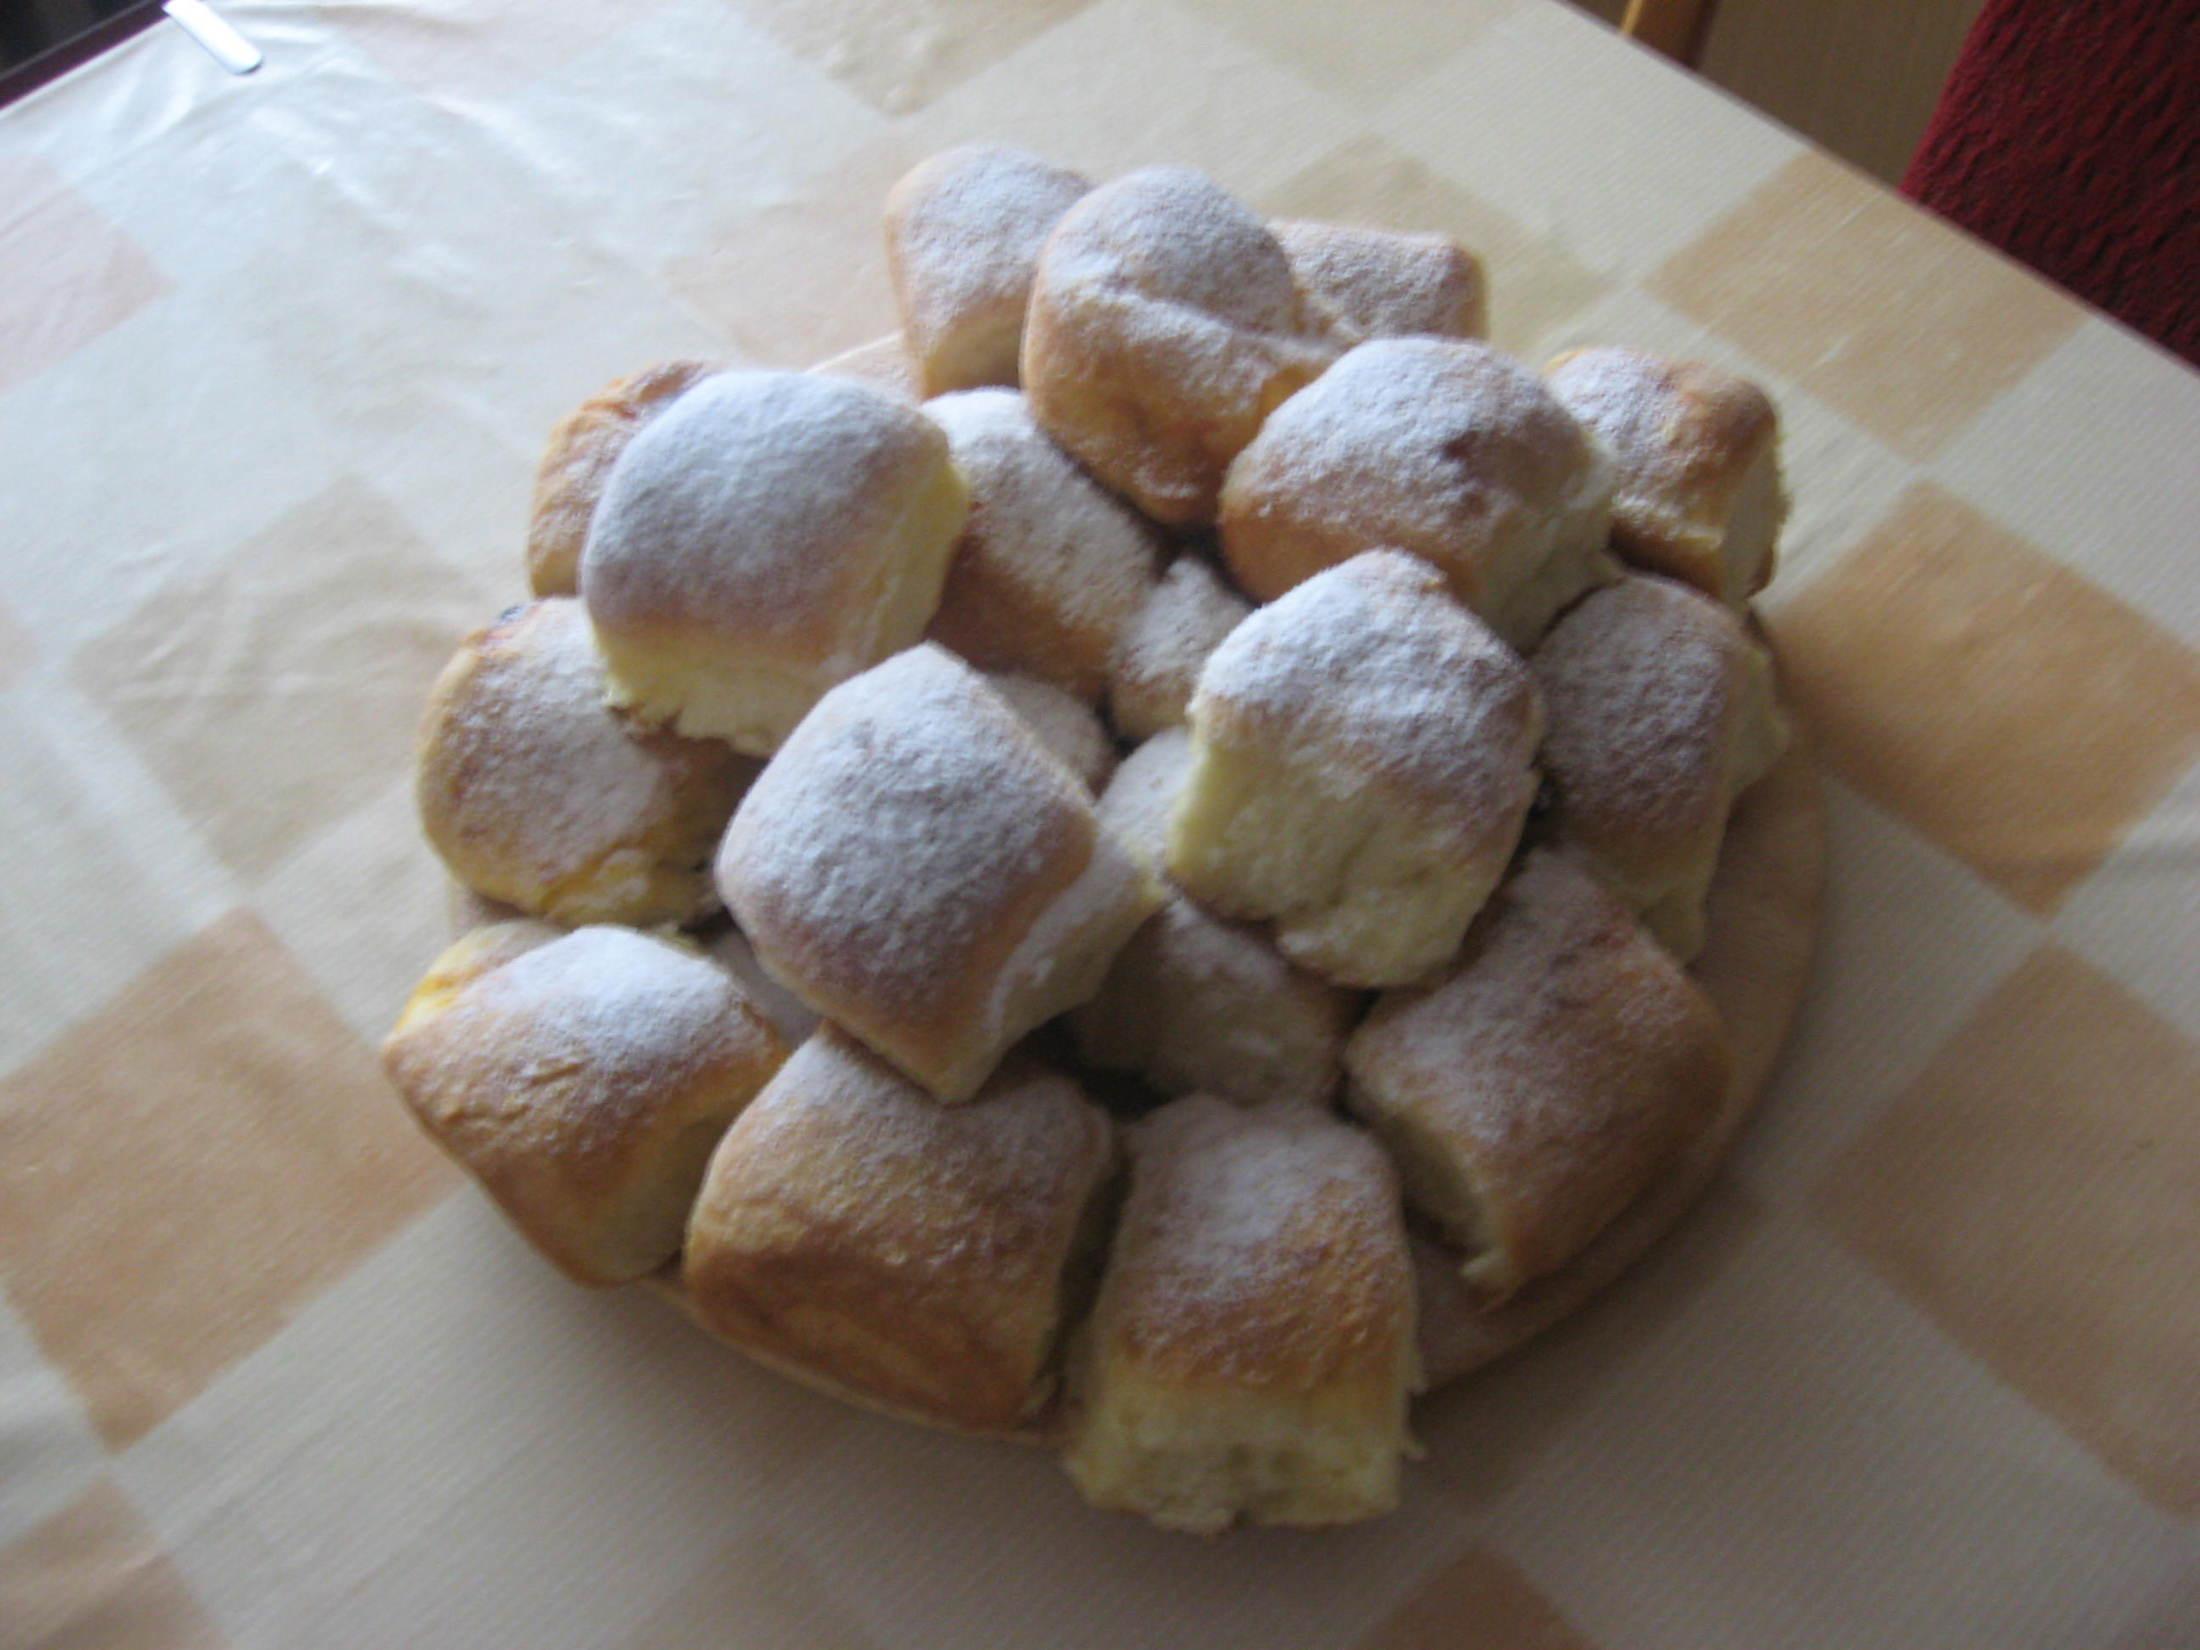 Recept České buchty s povidly - Výtečné domácí buchty,tyto jsou tvarohové i povidlové.